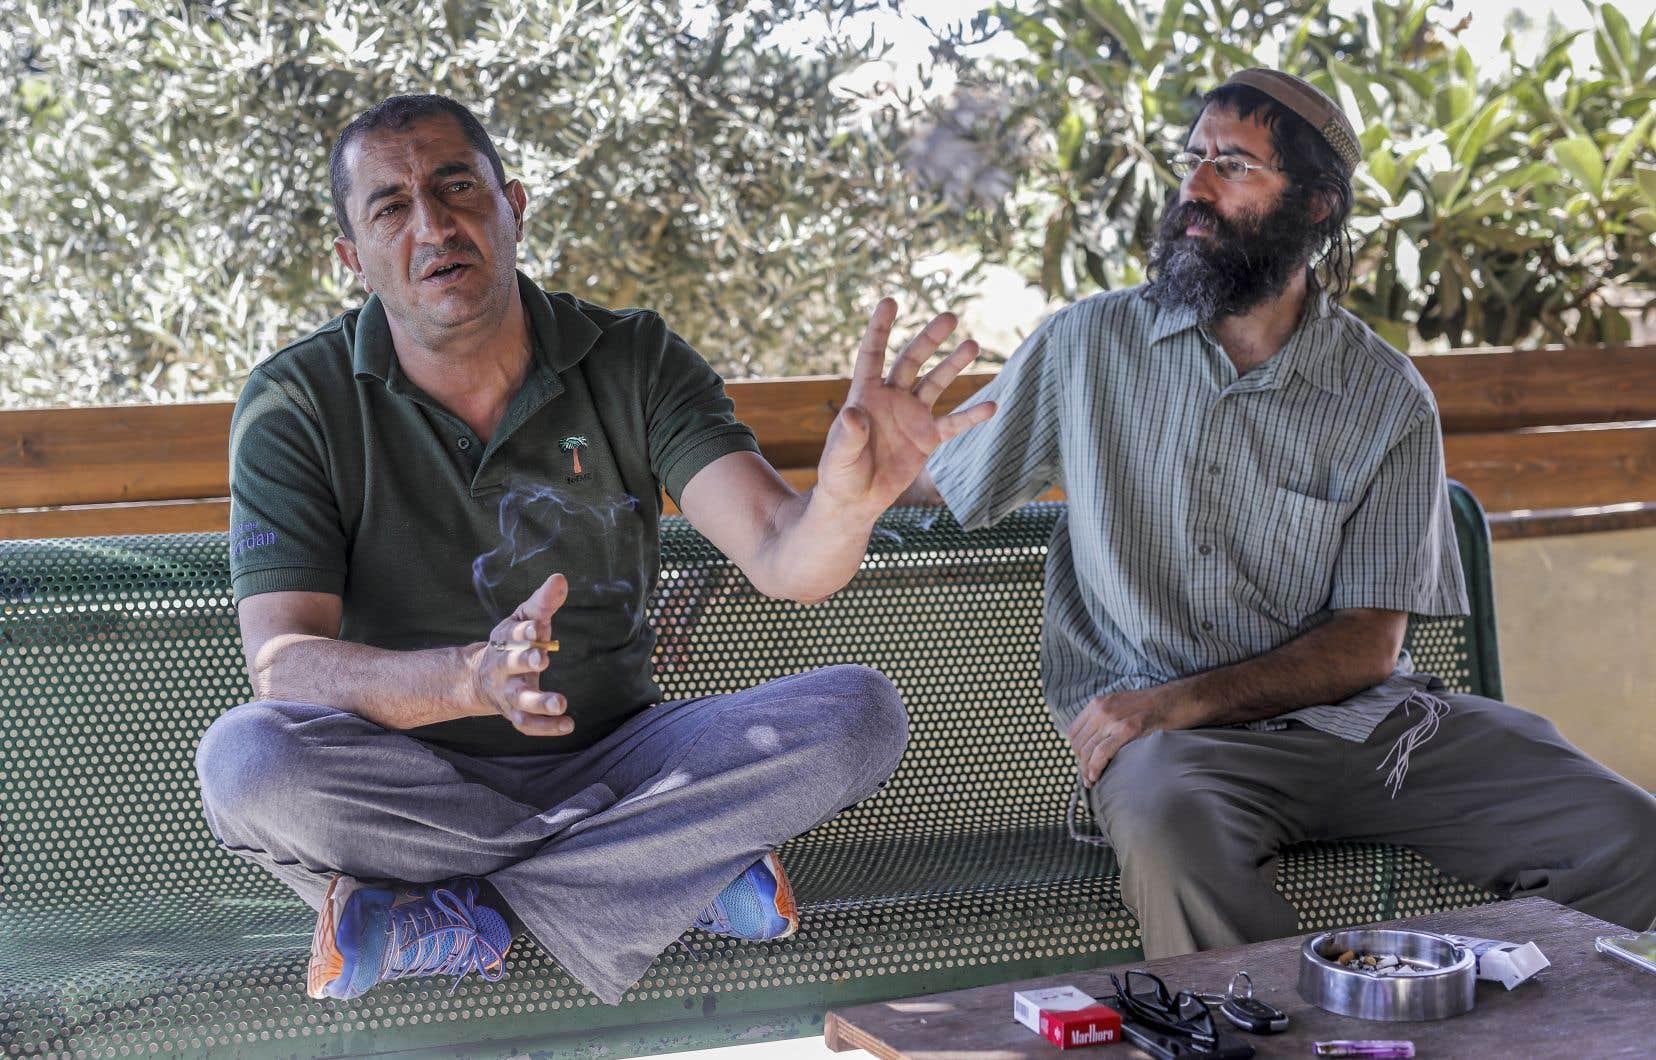 Khaled Abou Awad et Shaoul Judelman sont tous deux directeurs du mouvement Shorashim-Judur, qui a pour ambition de nouer un dialogue entre Israéliens et Palestiniens en Cisjordanie.